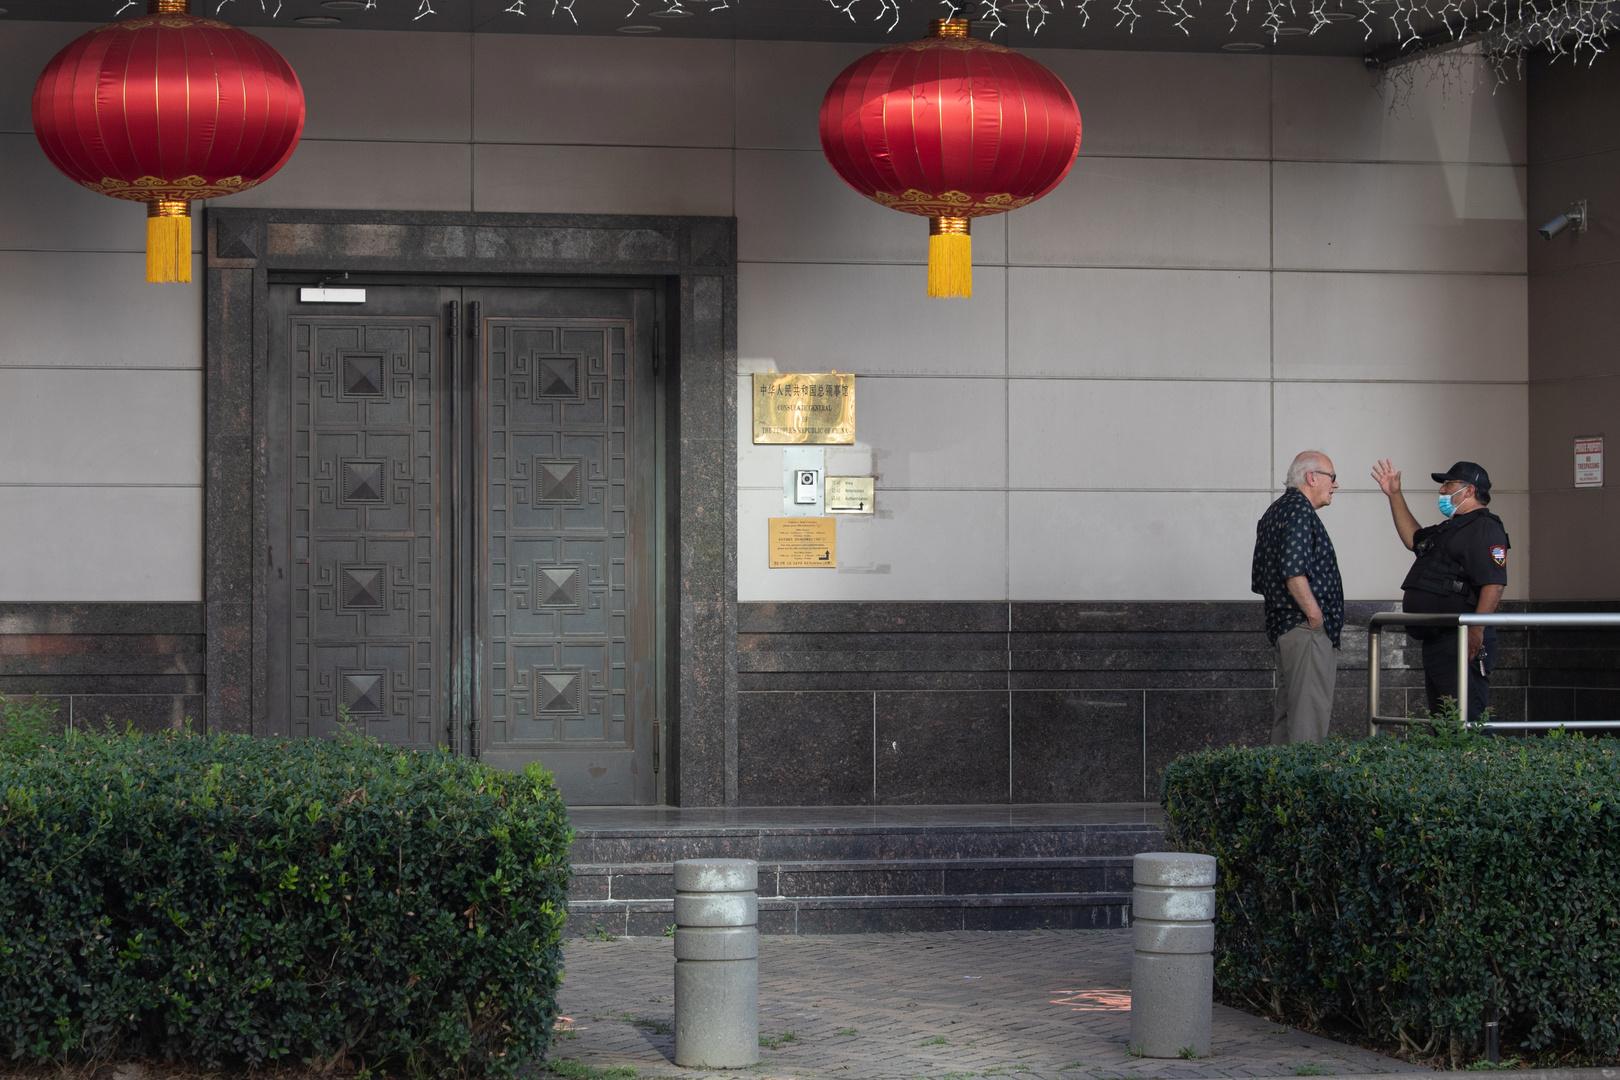 حريق داخل القنصلية الصينية في هيوستن وواشنطن تمهل بكين 72 ساعة لإغلاقها